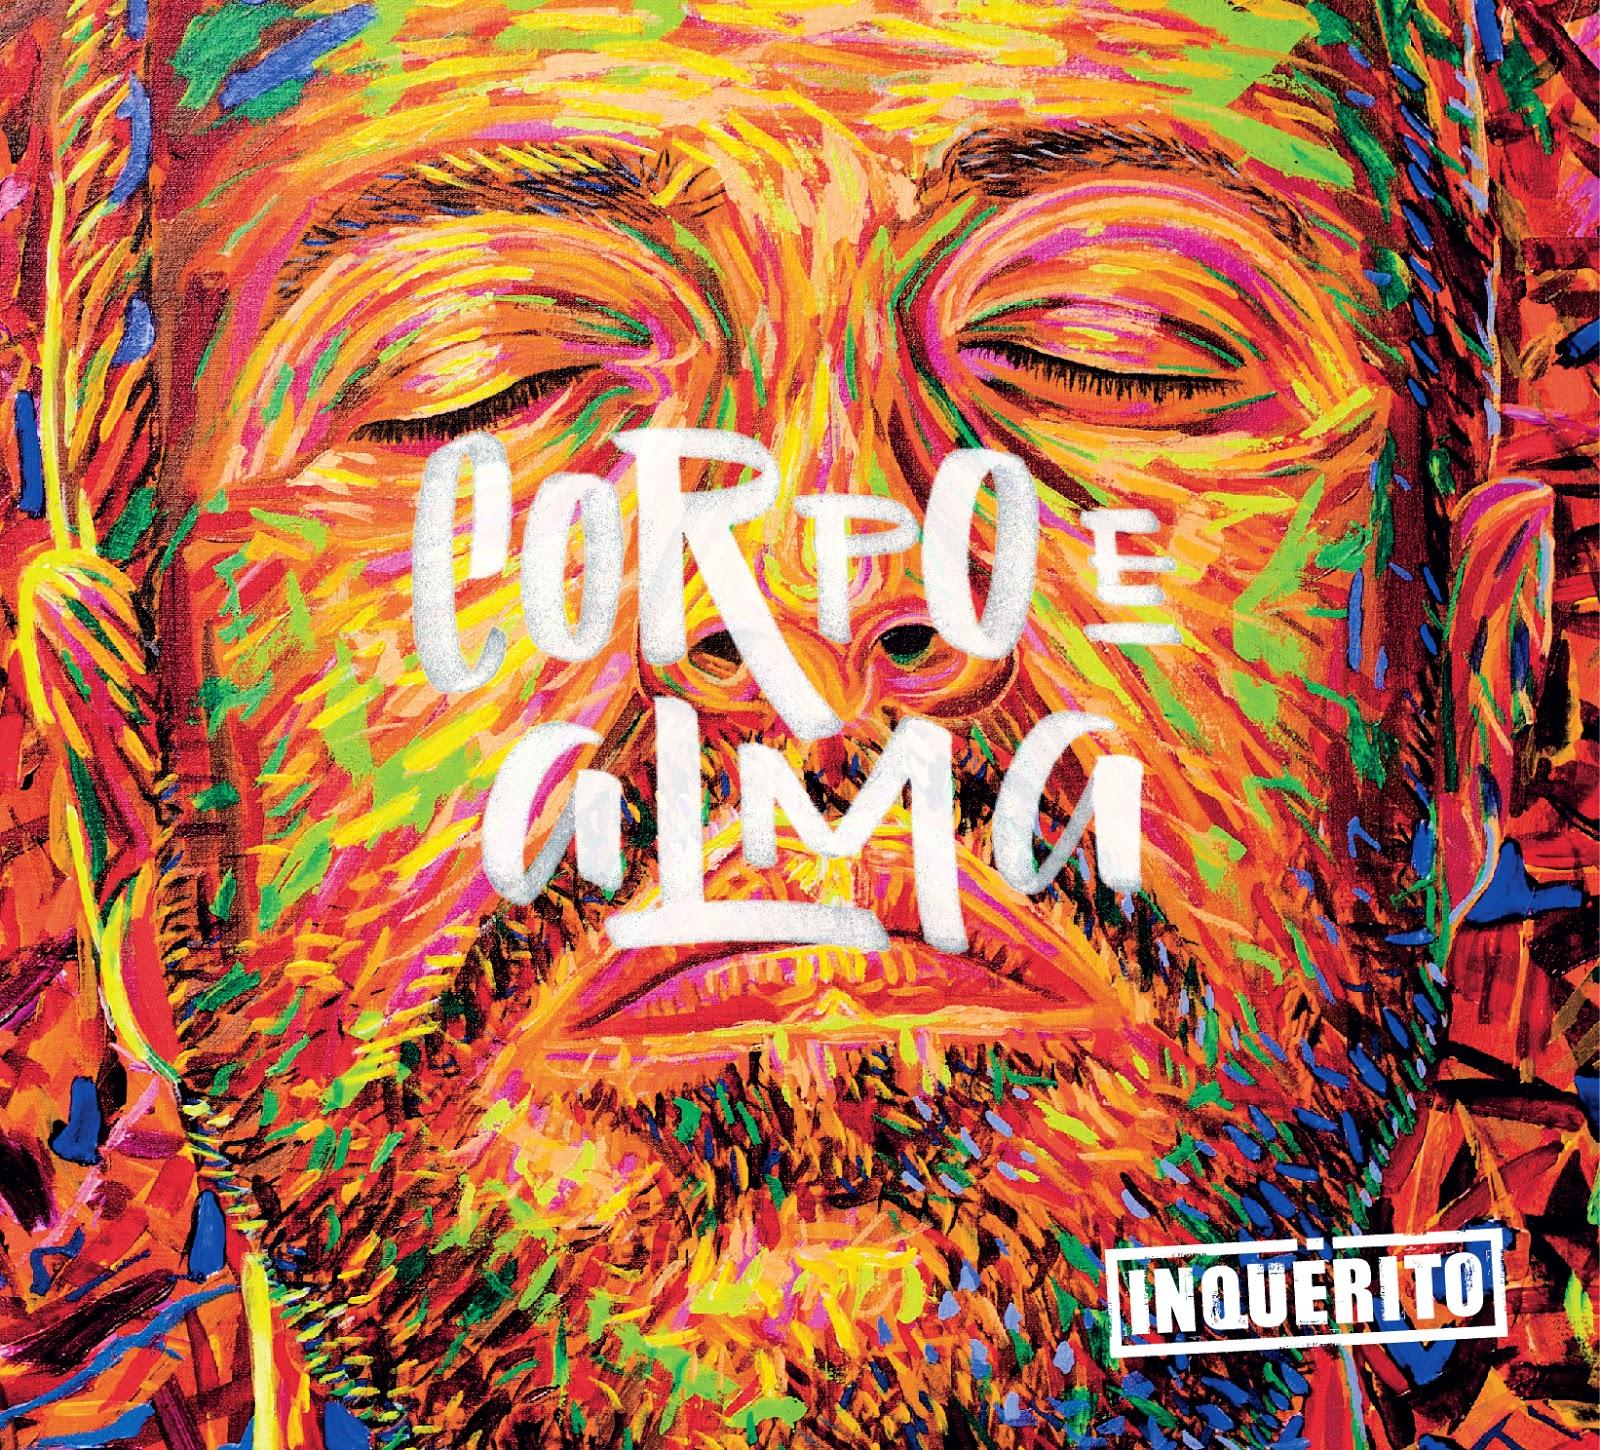 http://www.rapmineiro288.net/2014/11/inquerito-corpo-e-alma-2014.html